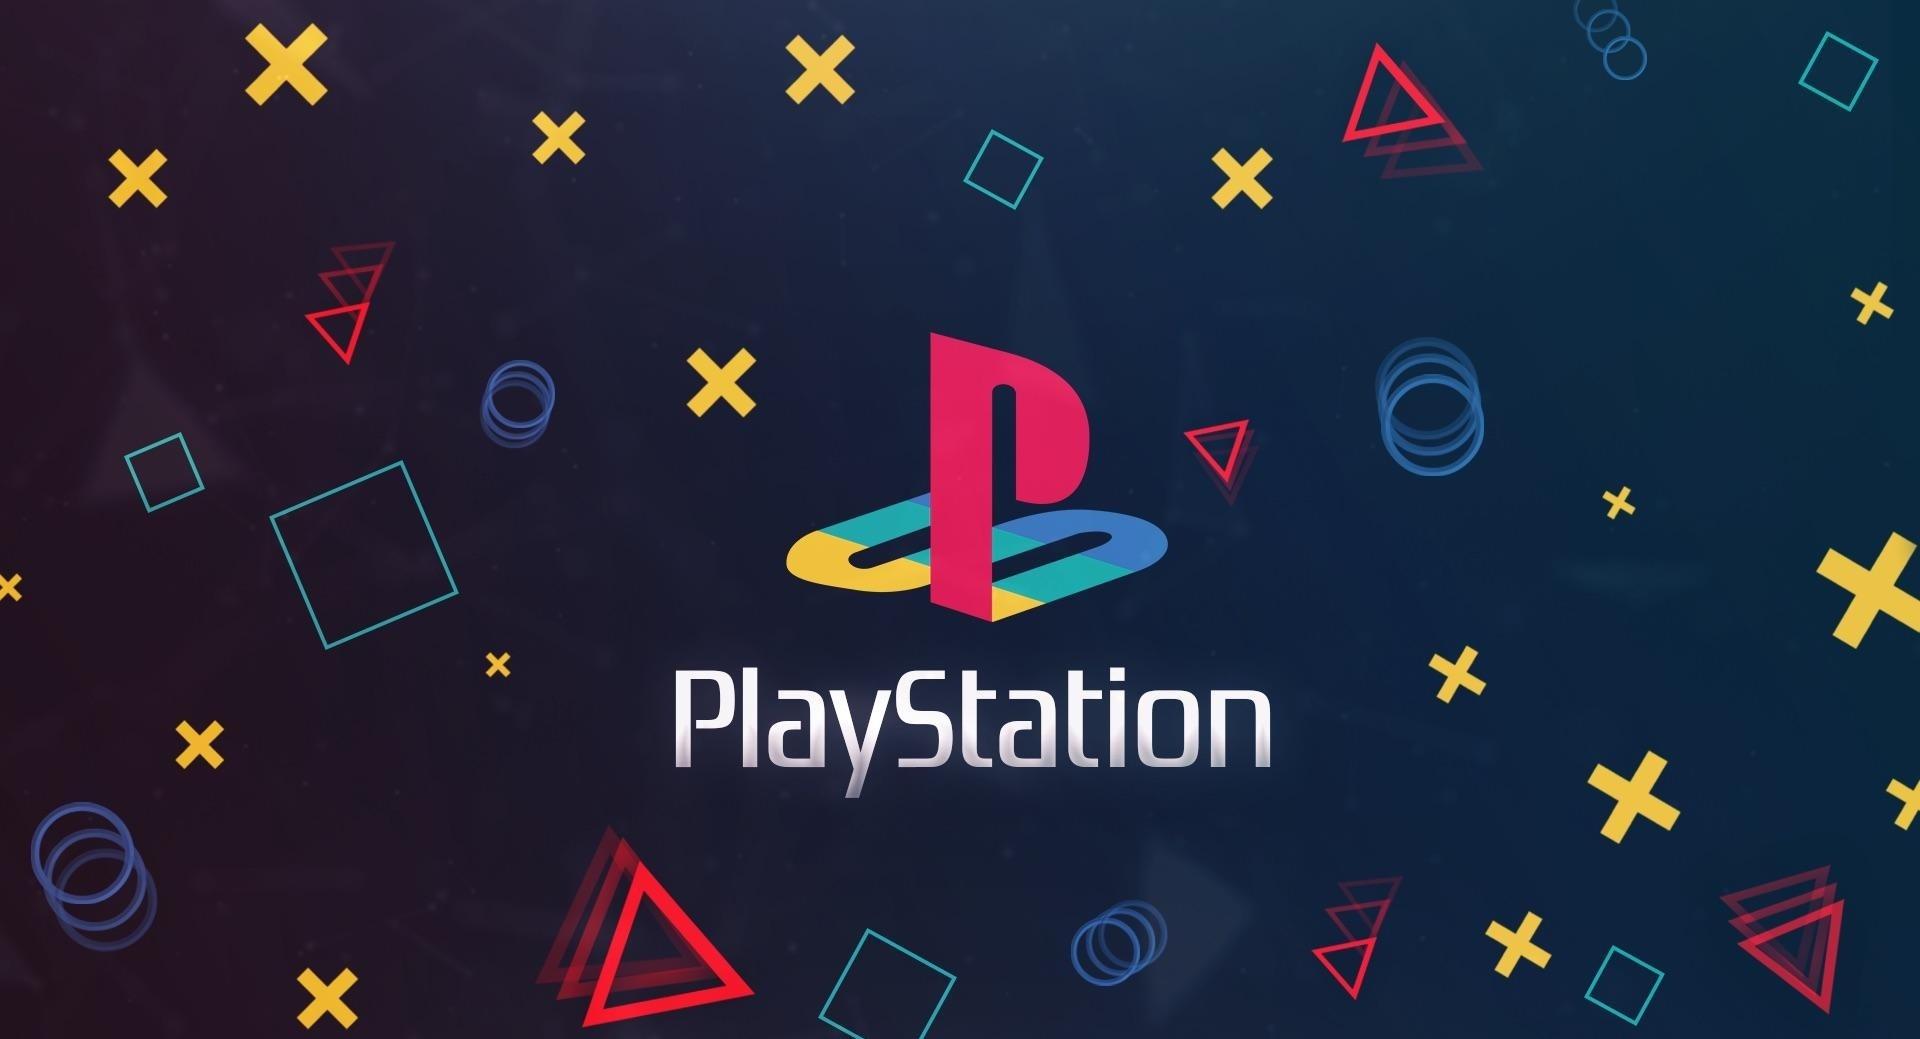 Sony заинтересована в покупке новых студий: «контент важен как никогда»